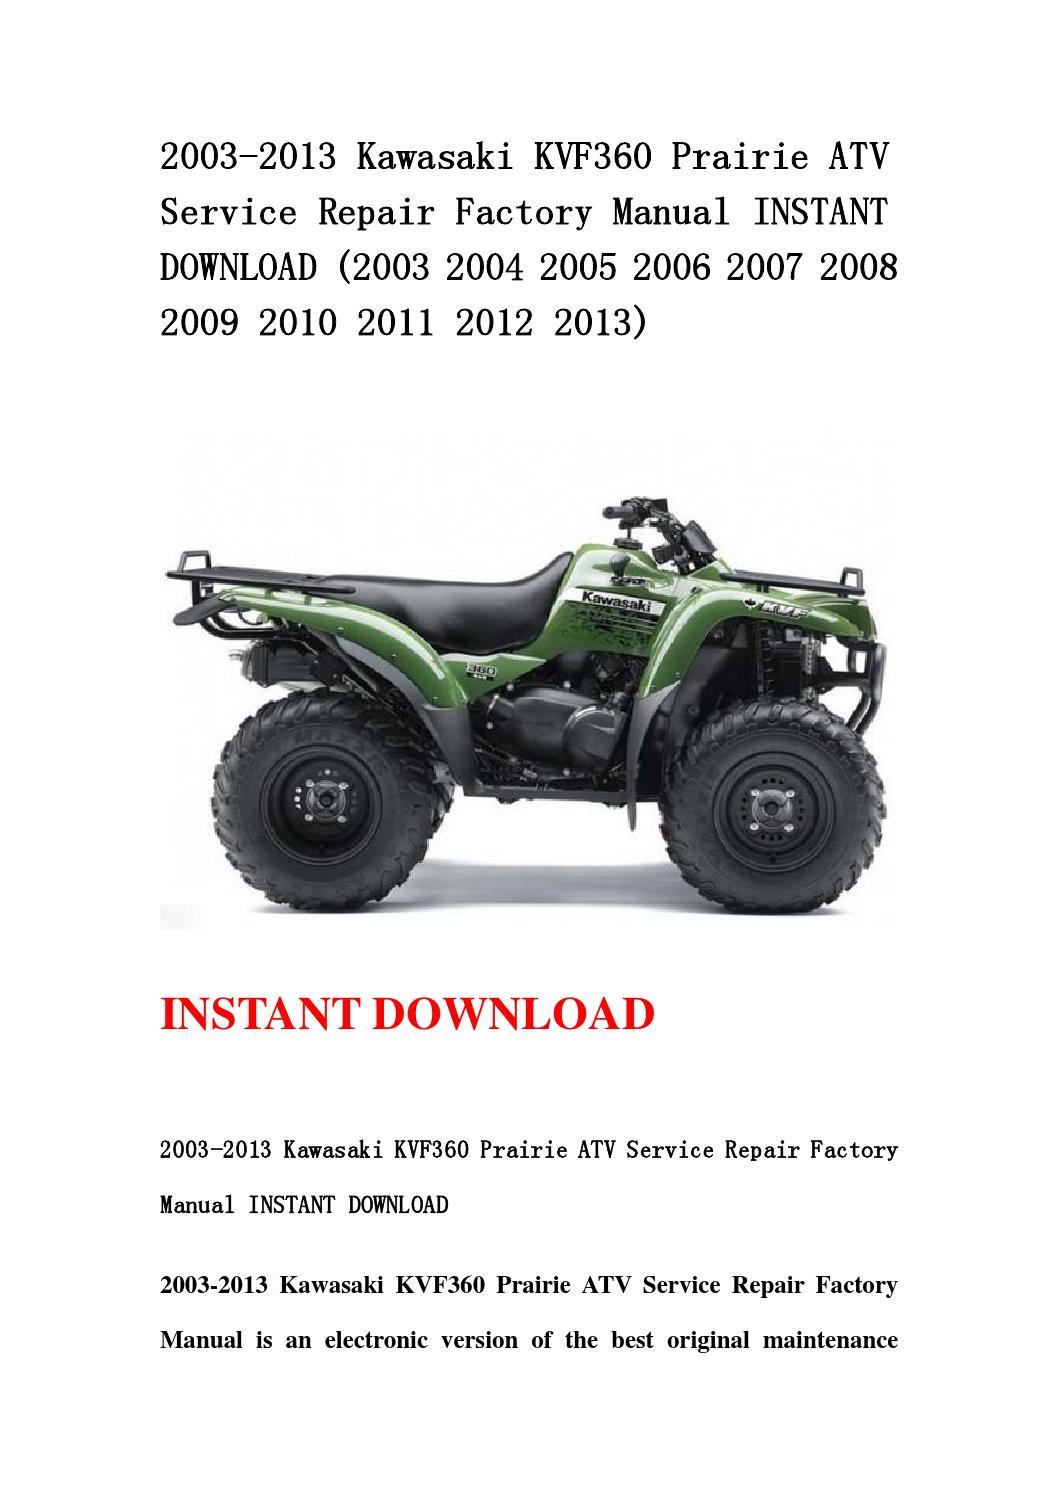 2003 2013 kawasaki kvf360 prairie atv service repair factory manual instant  download (2003 2004 2005 by hdgsnnnem - issuu